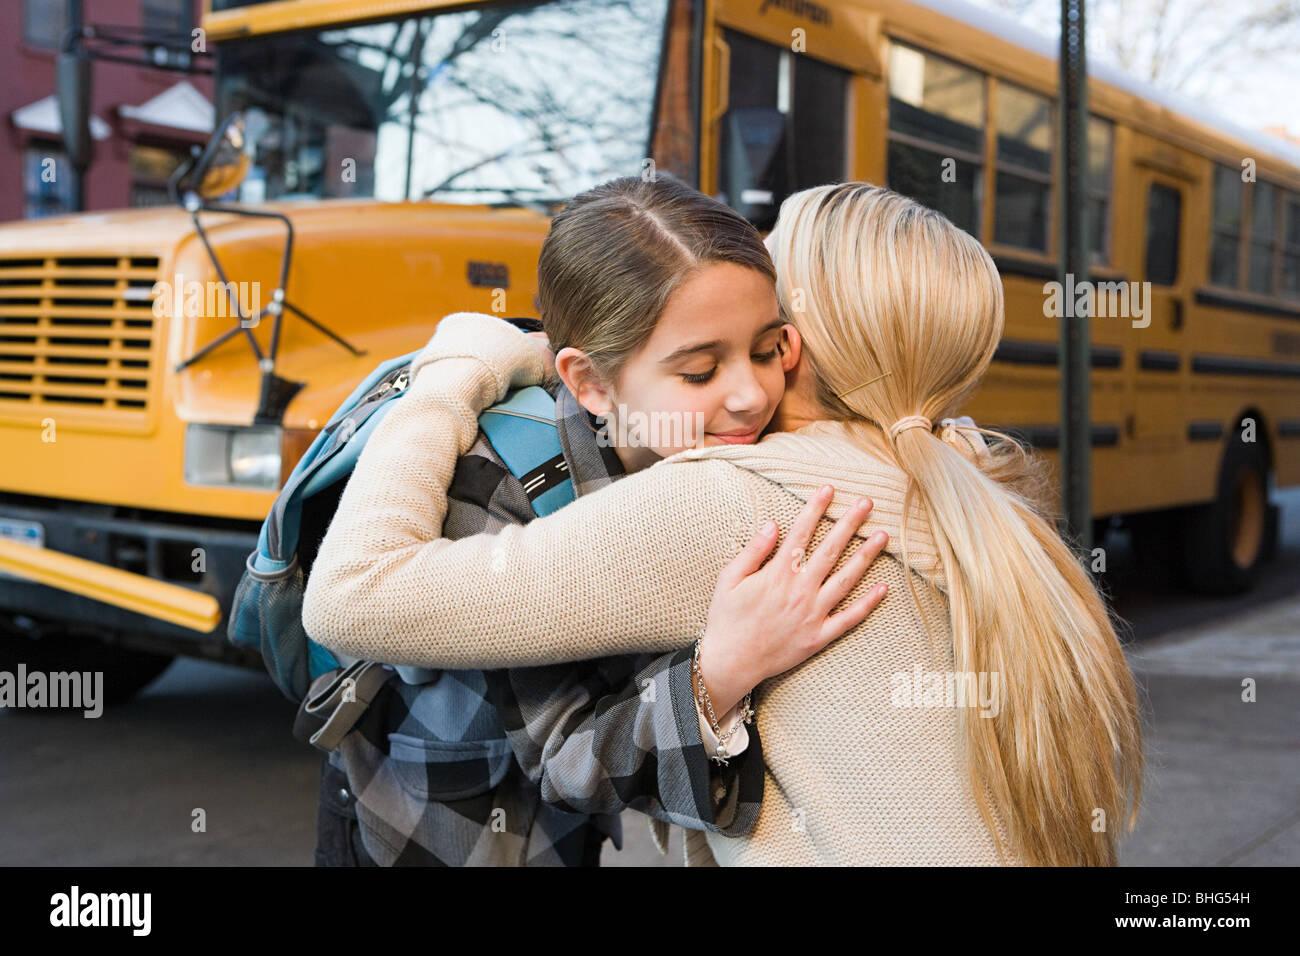 Mädchen und Mutter umarmt von Schulbus Stockbild